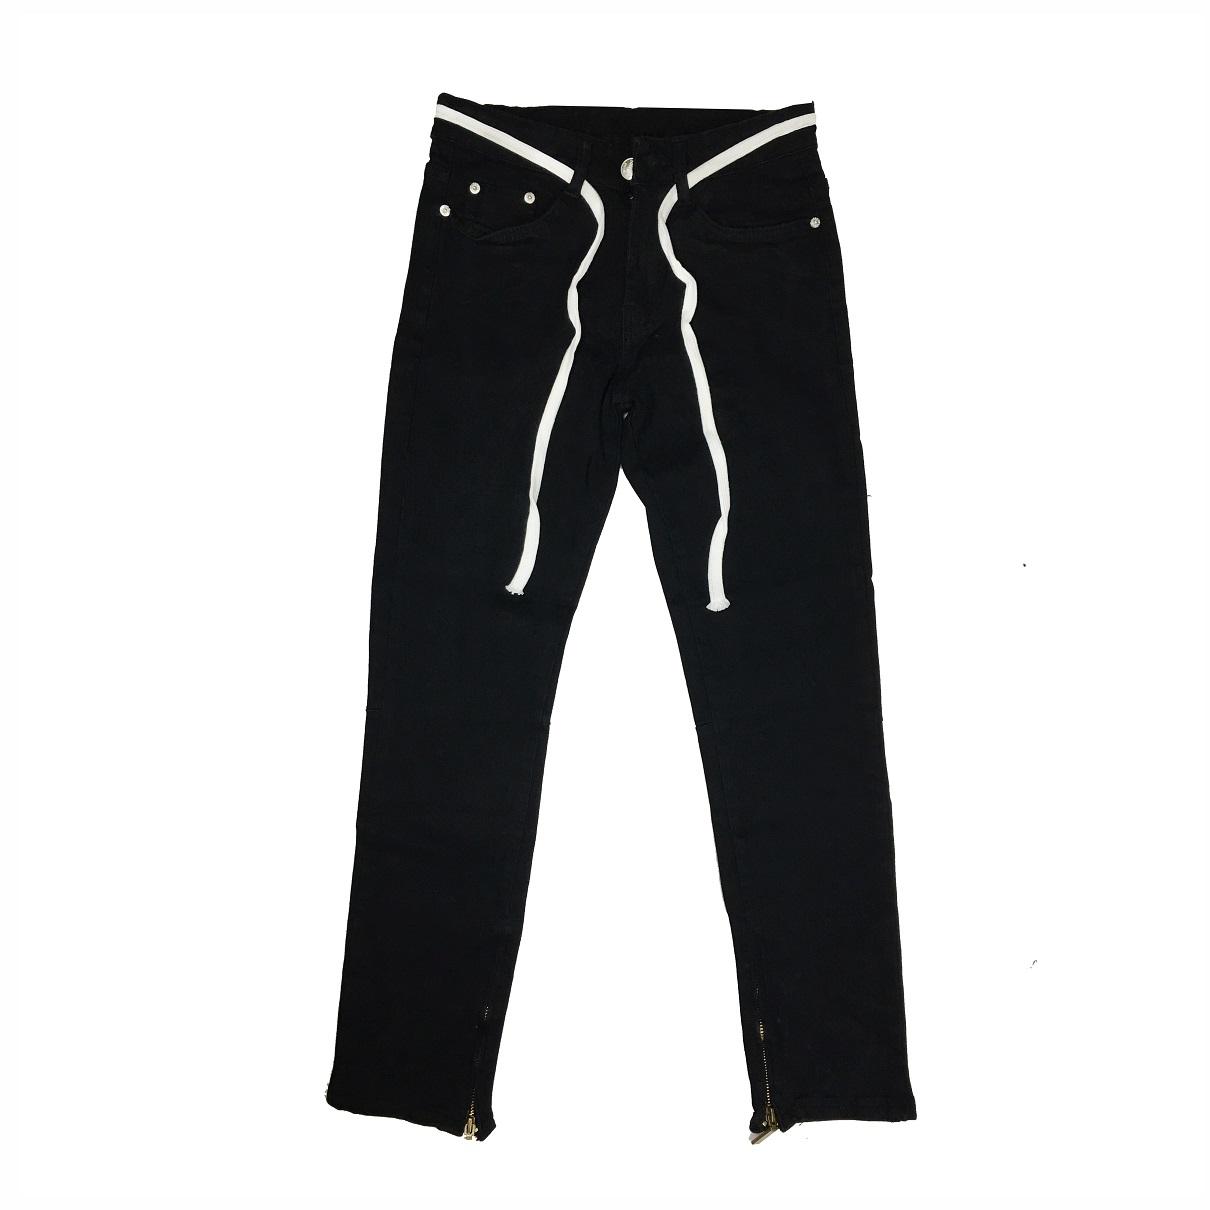 DVSL Jeans Inside Zips In Black